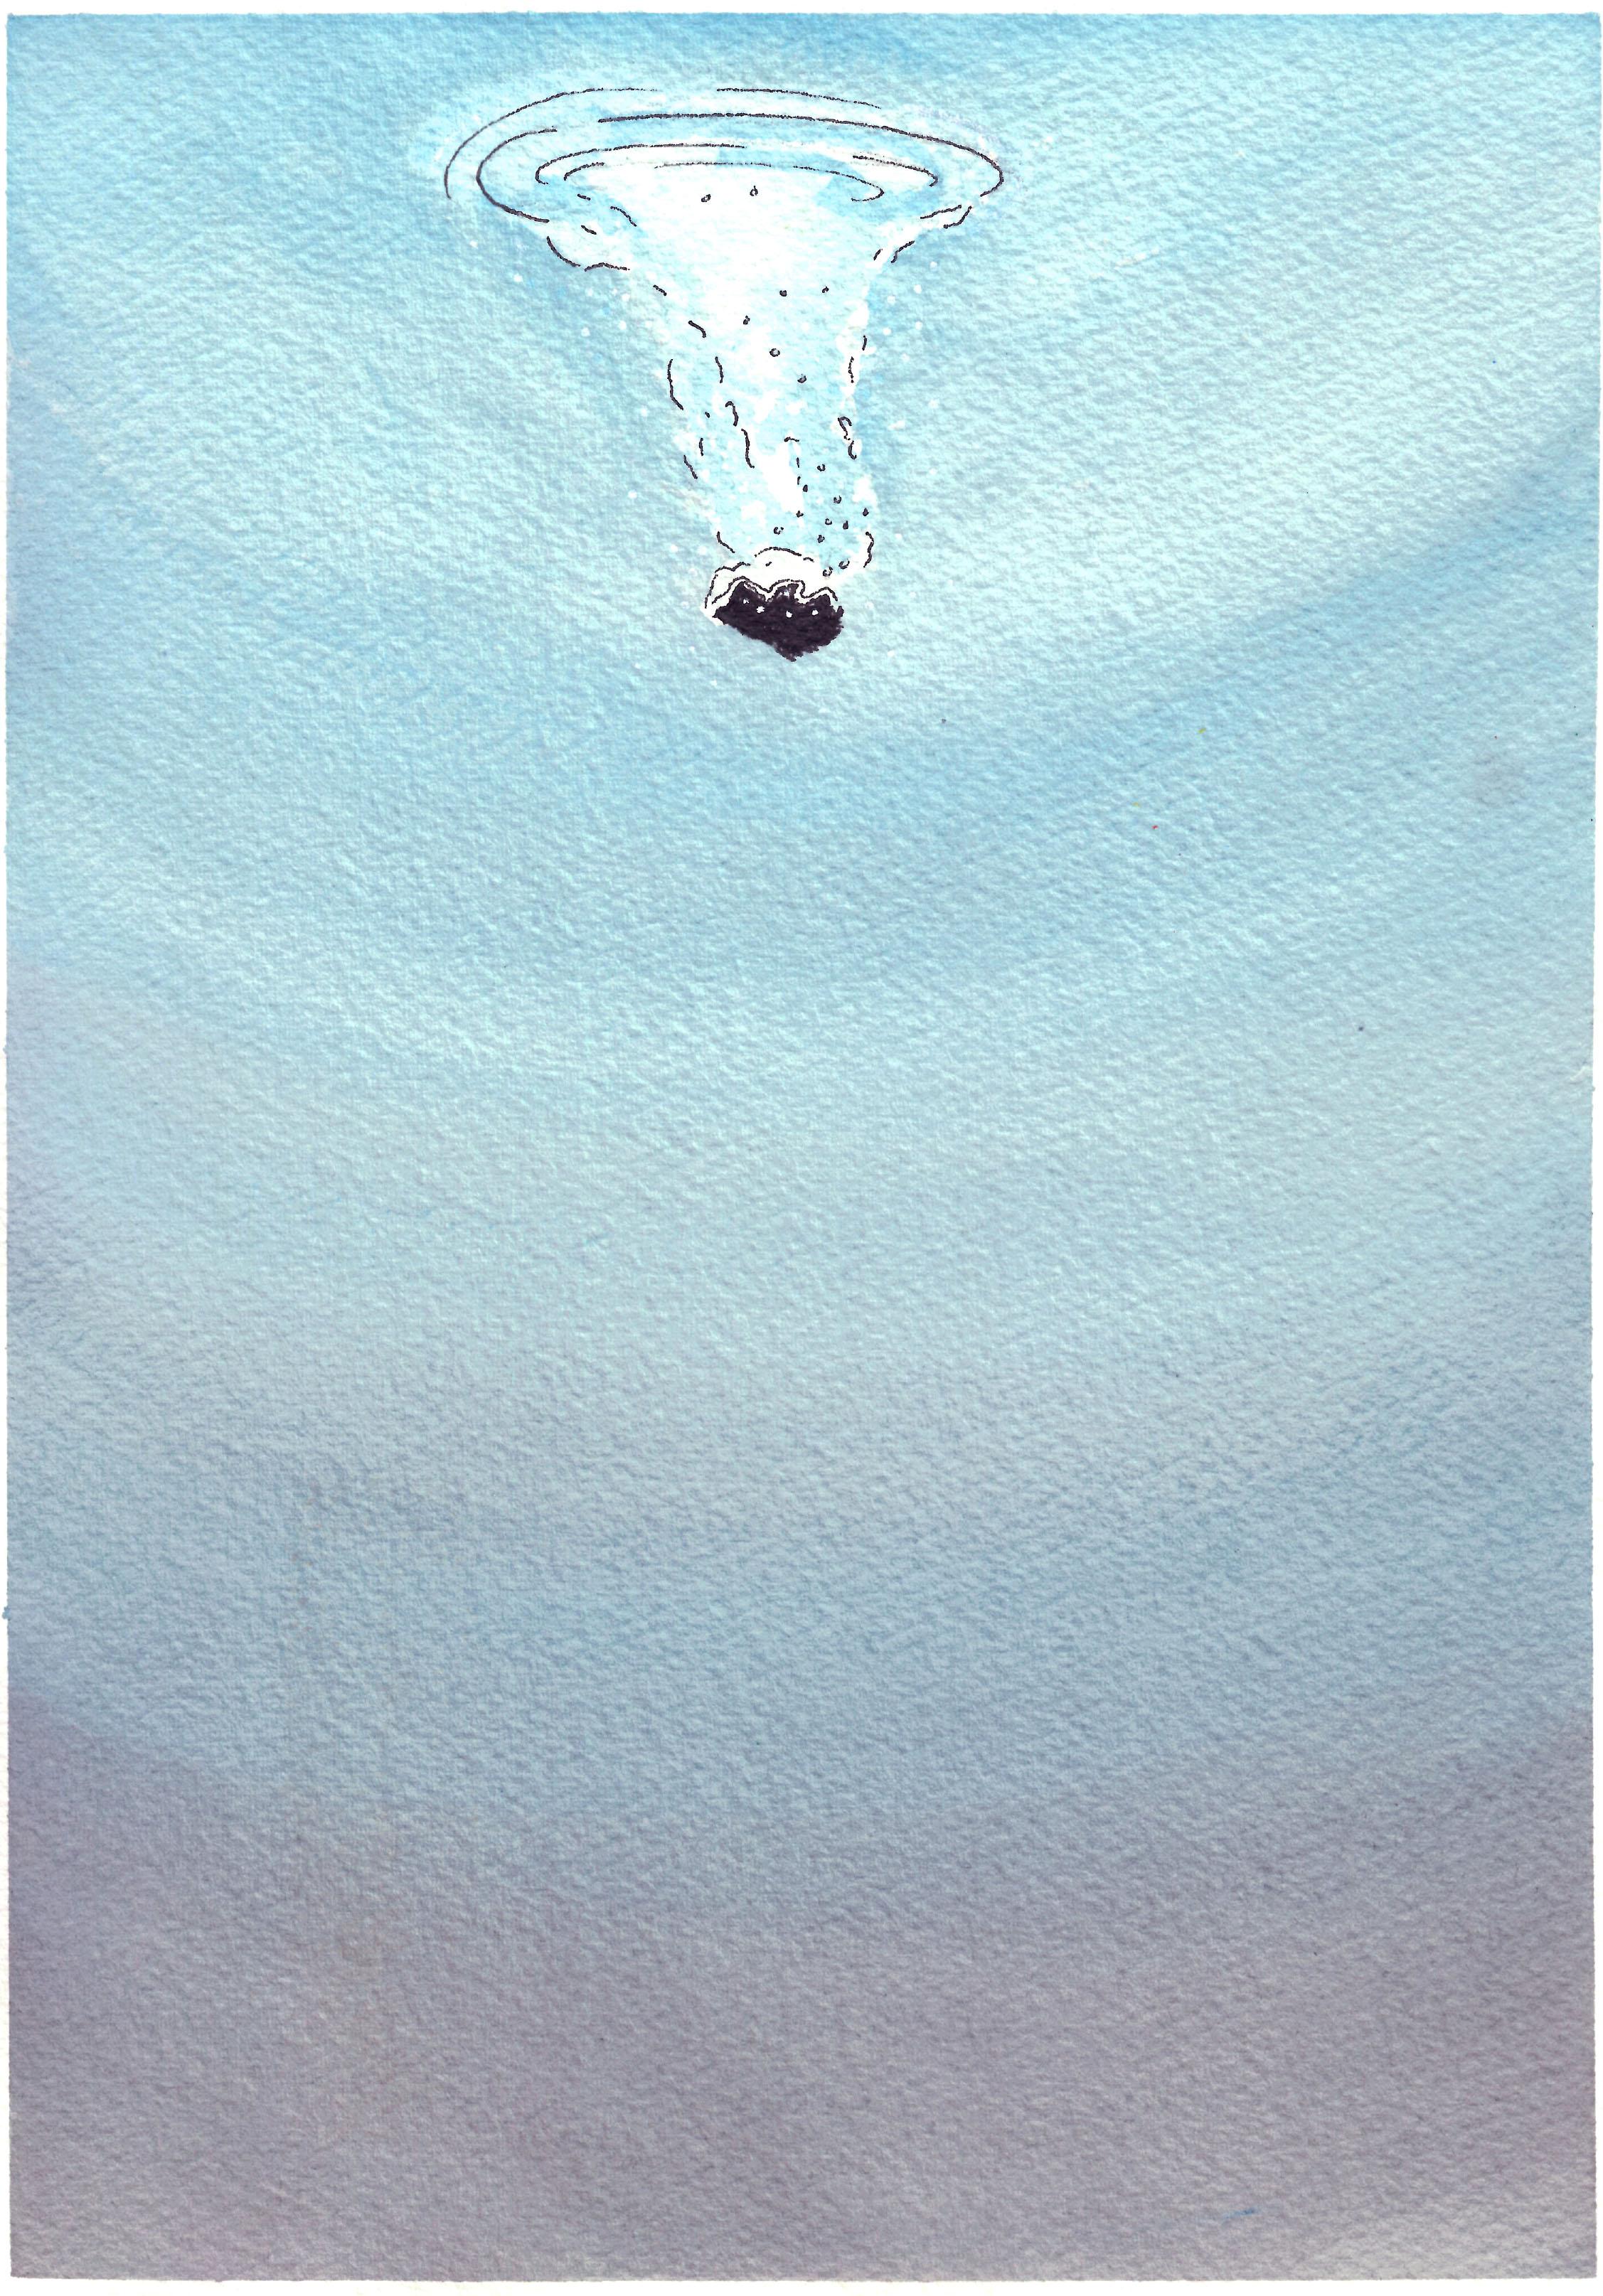 Falling thru water.jpg